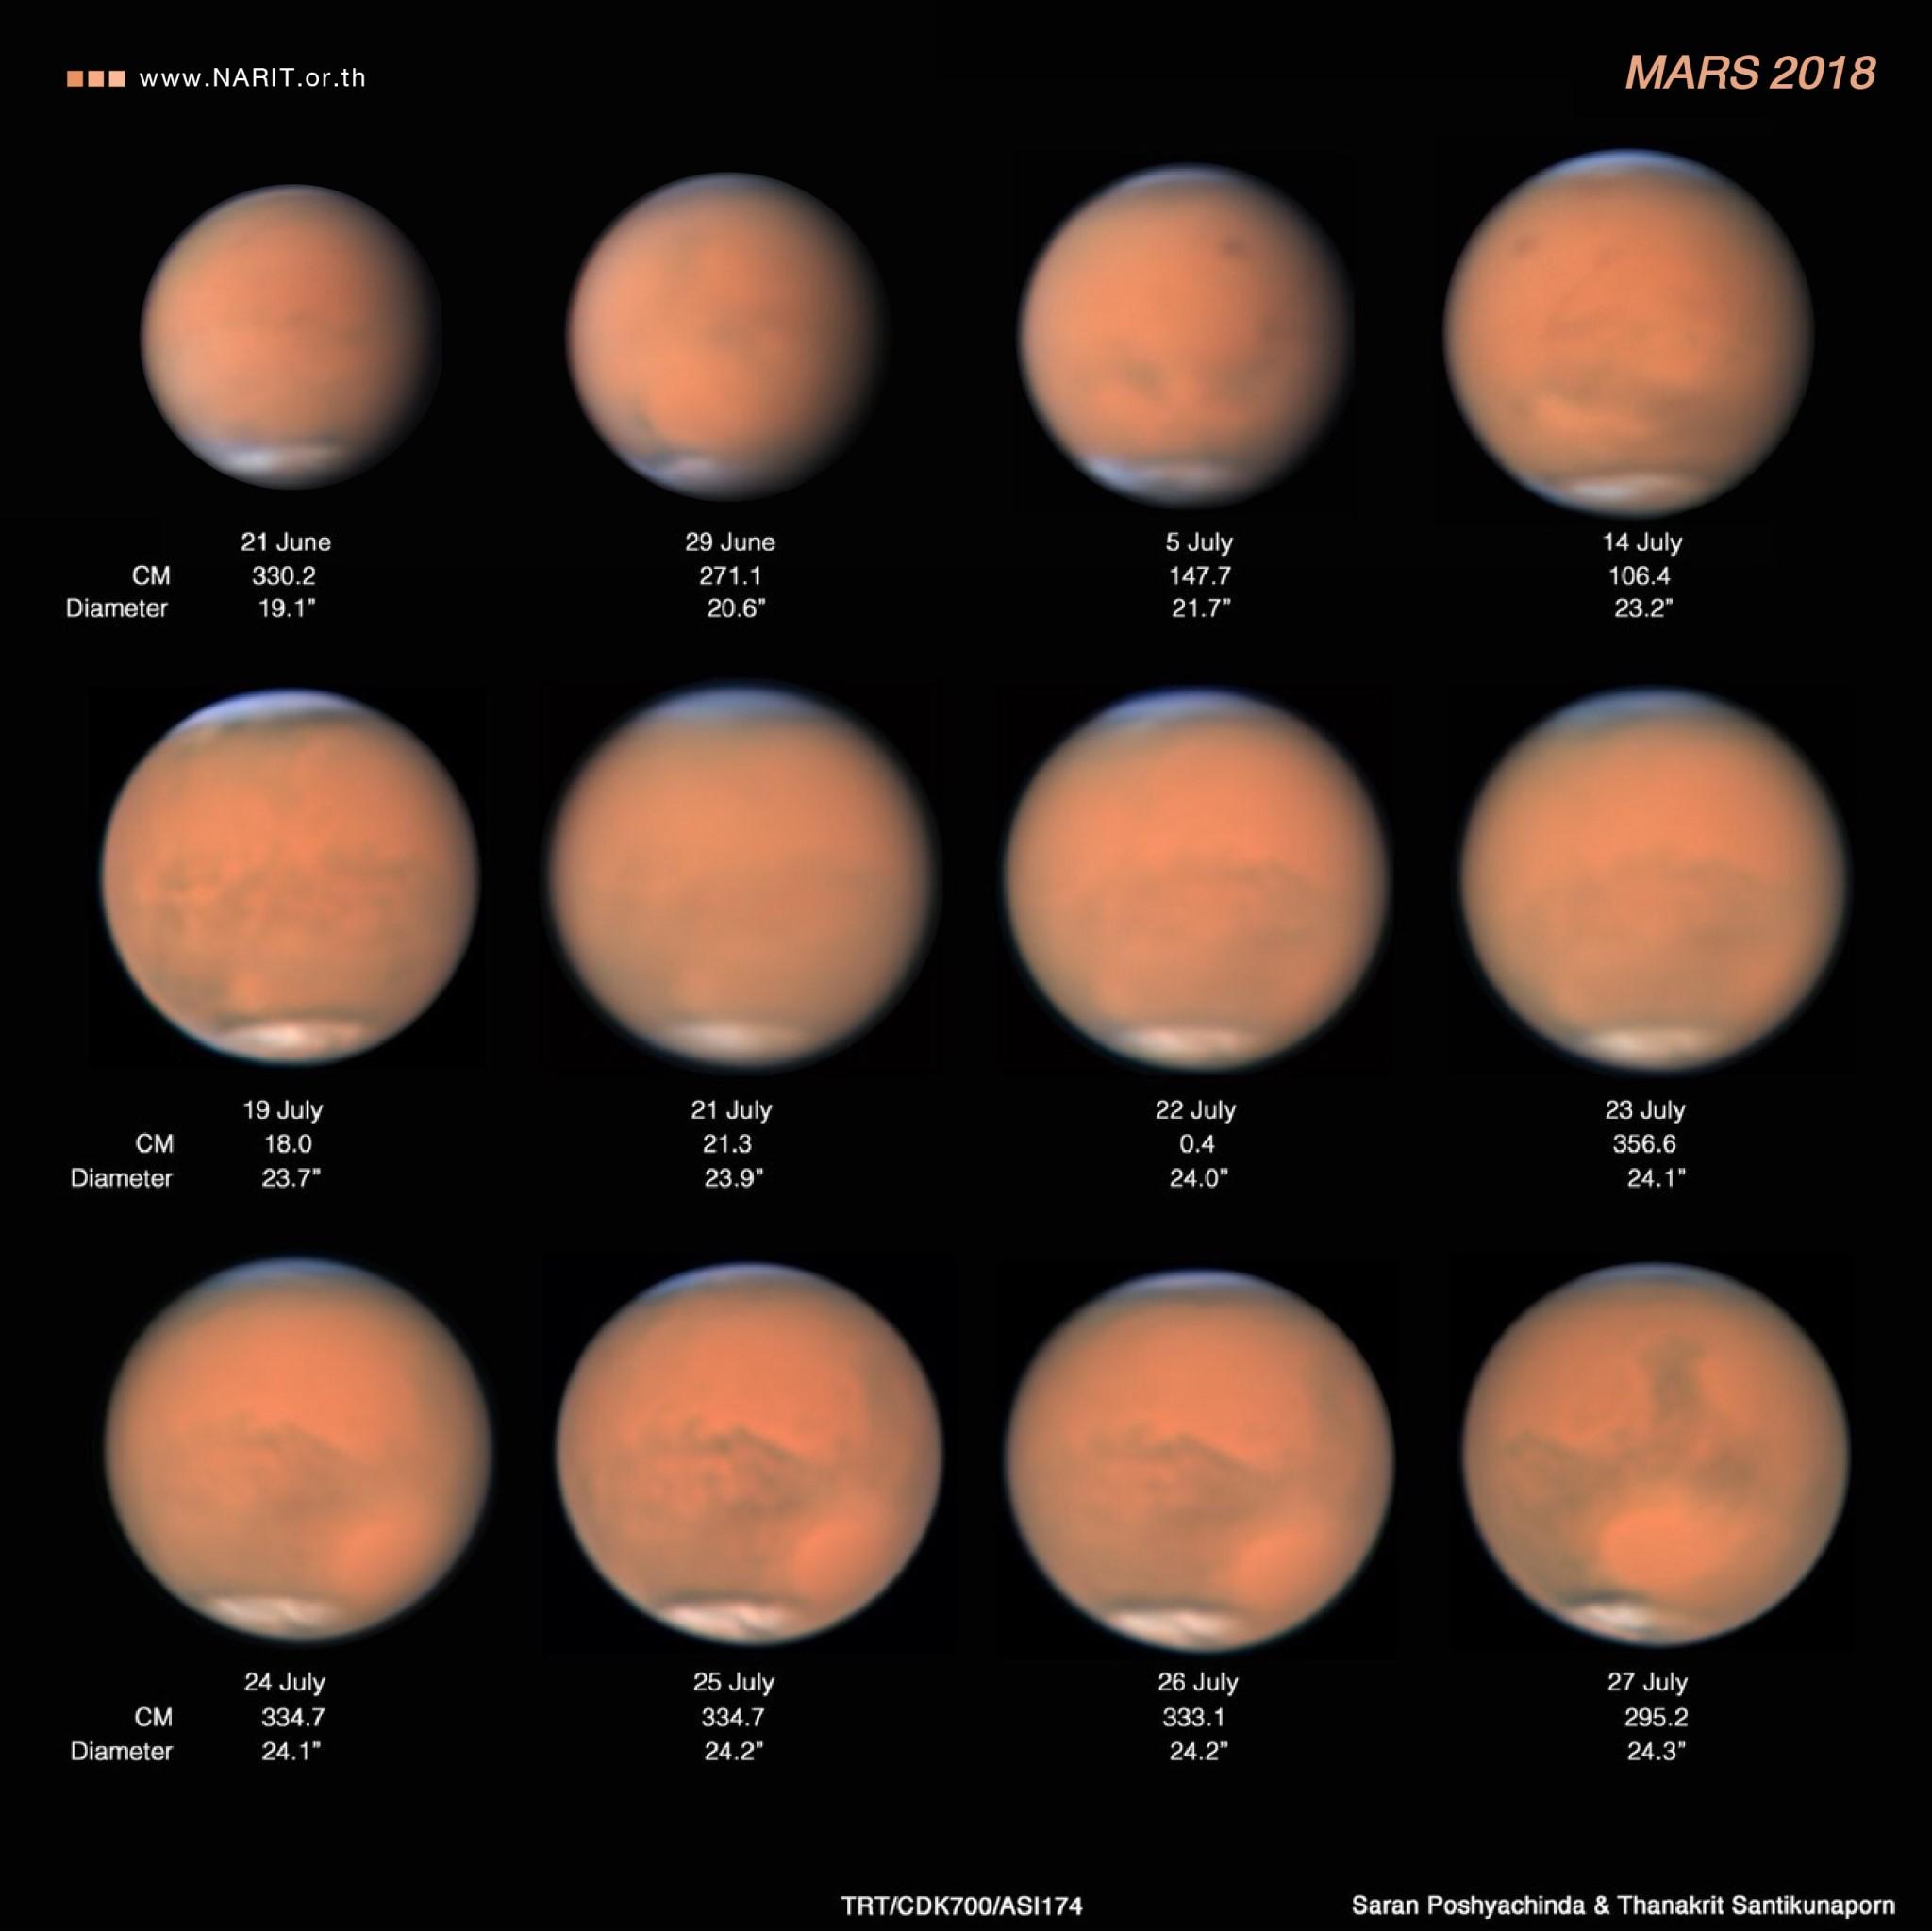 สดร.เผยภาพดาวอังคารใหญ่ขึ้นเรื่อยๆ รอชมใหญ่ที่สุด 31 ก.ค.